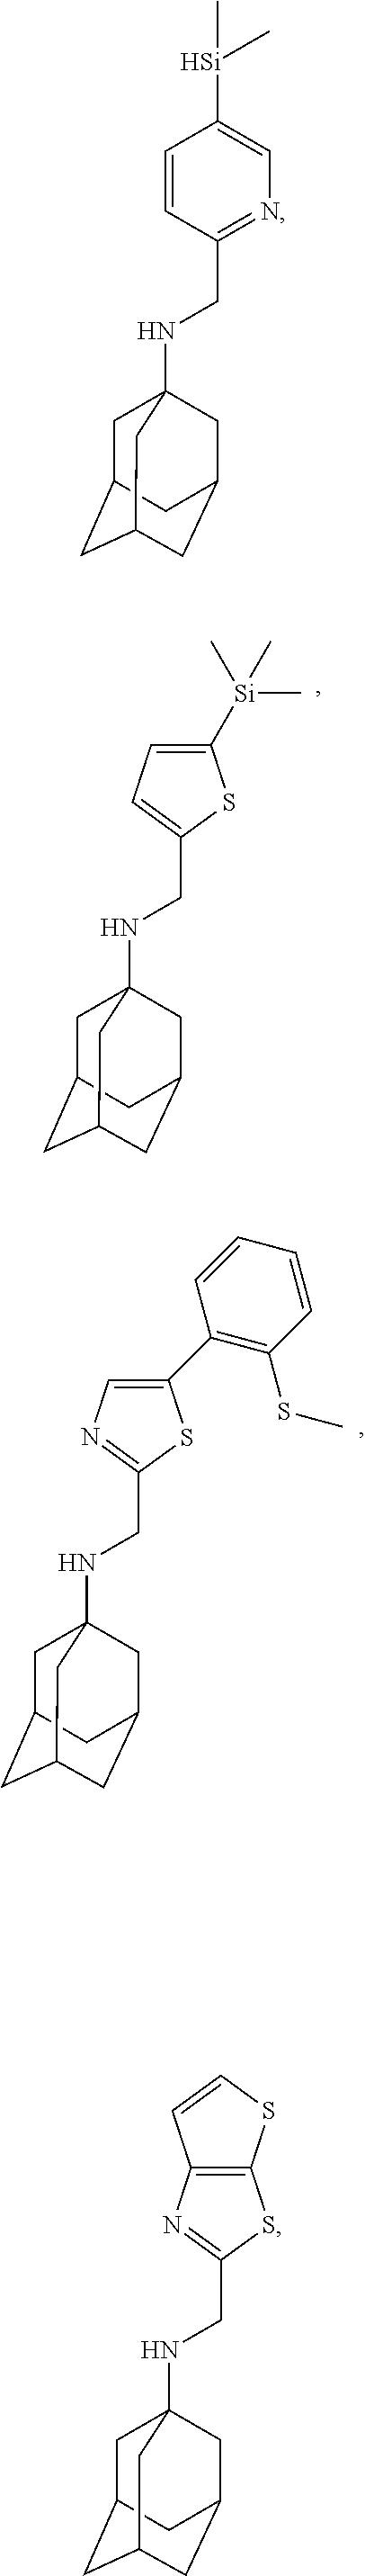 Figure US09884832-20180206-C00201